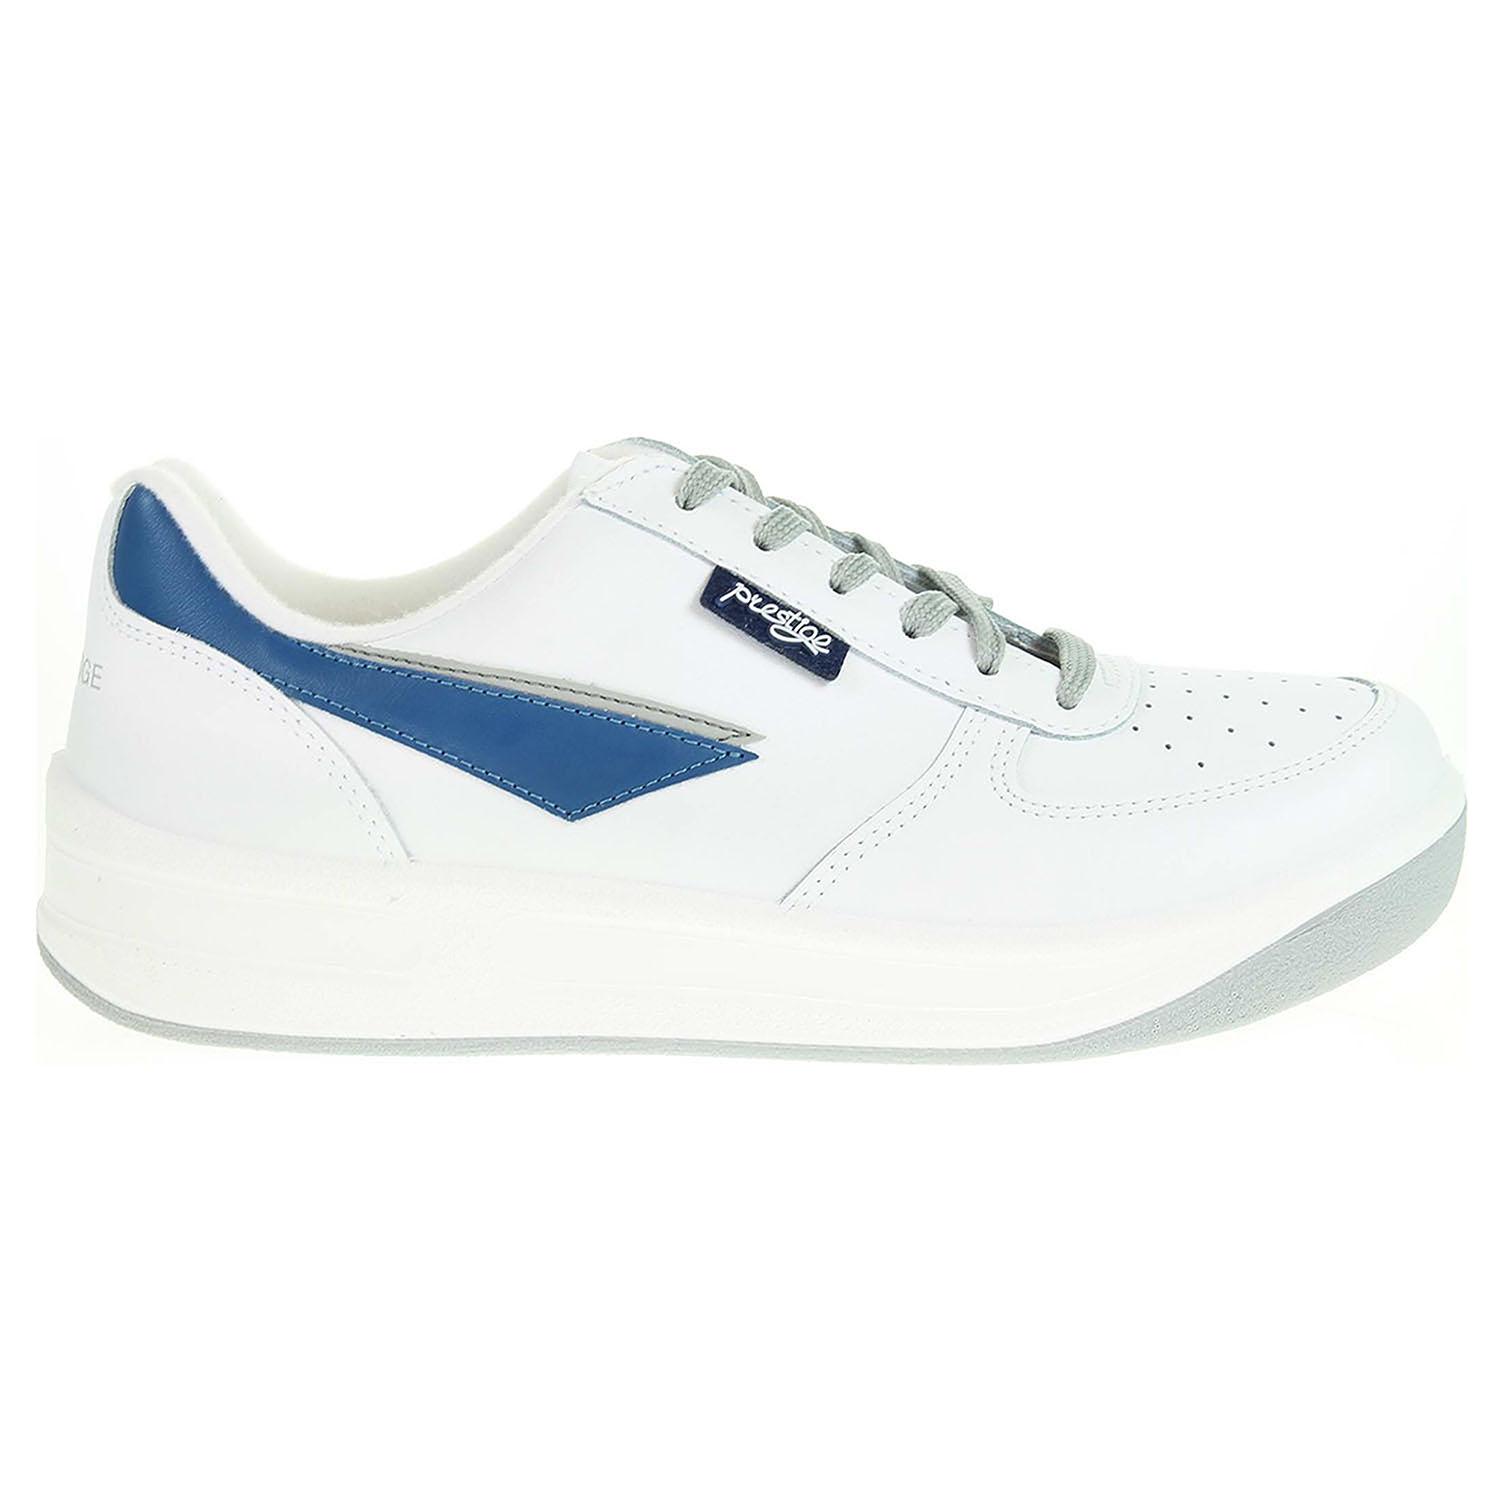 1857ee3ddcd Ecco Prestige pánská obuv 86808-10 bílá 24200212